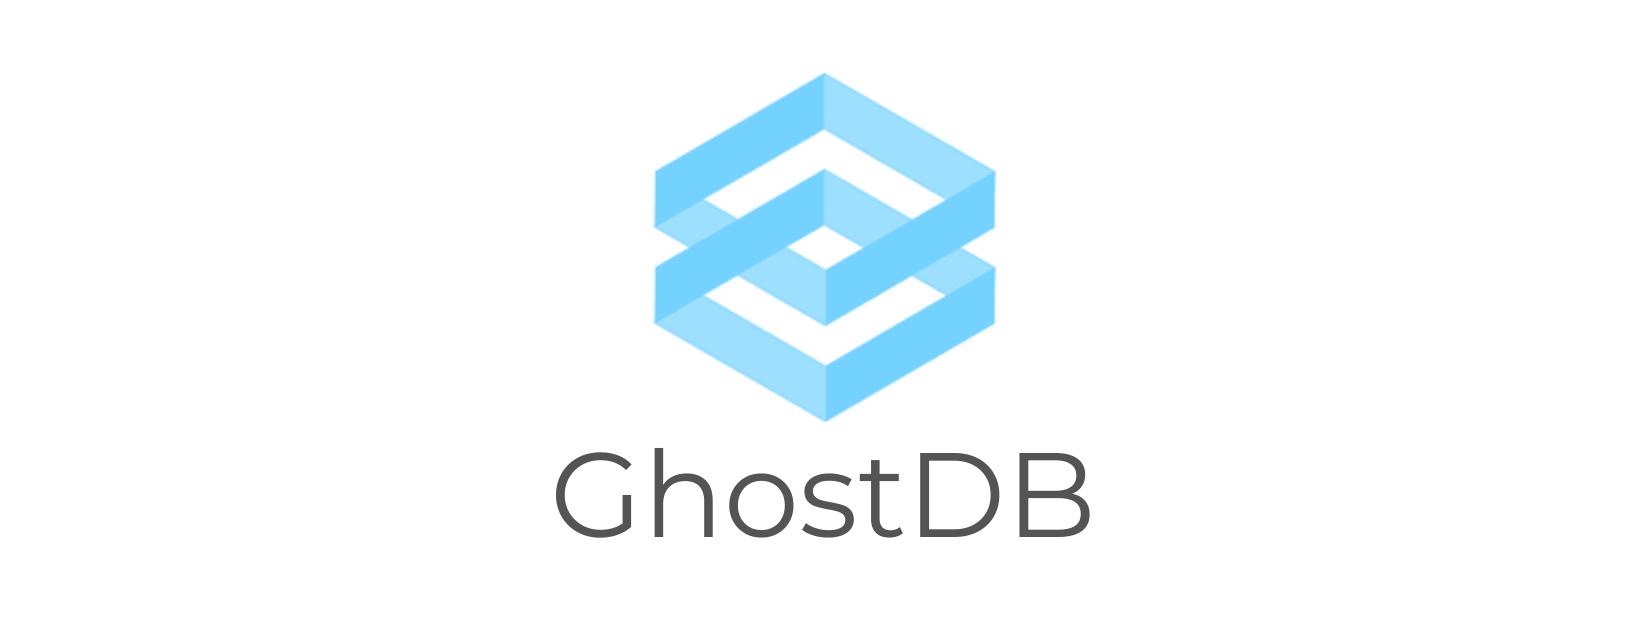 GhostDB logo